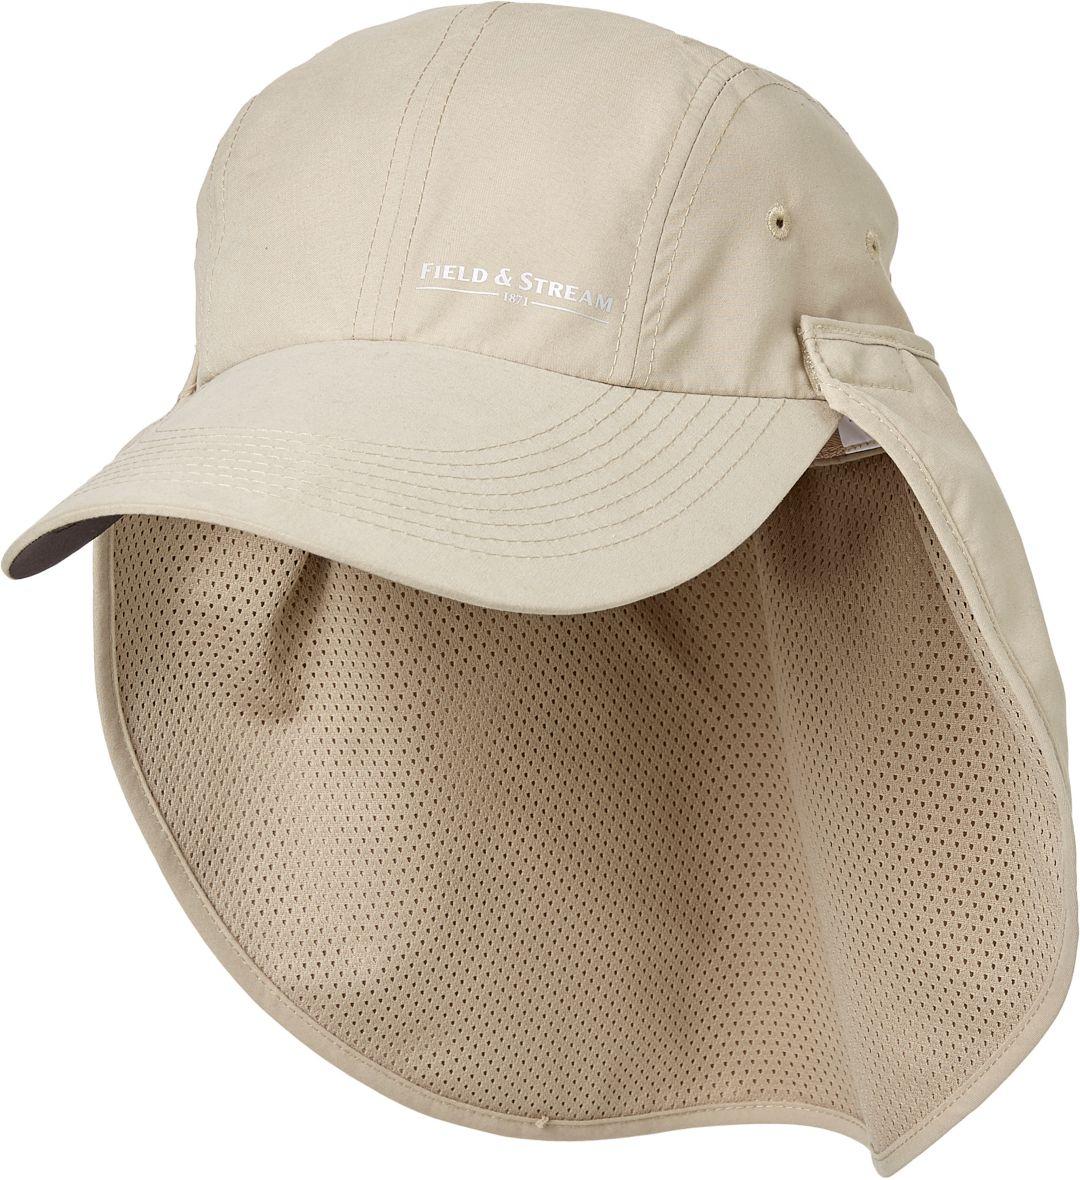 671312af4d711 Field   Stream Men s Evershade Longbill Baseball Hat 1